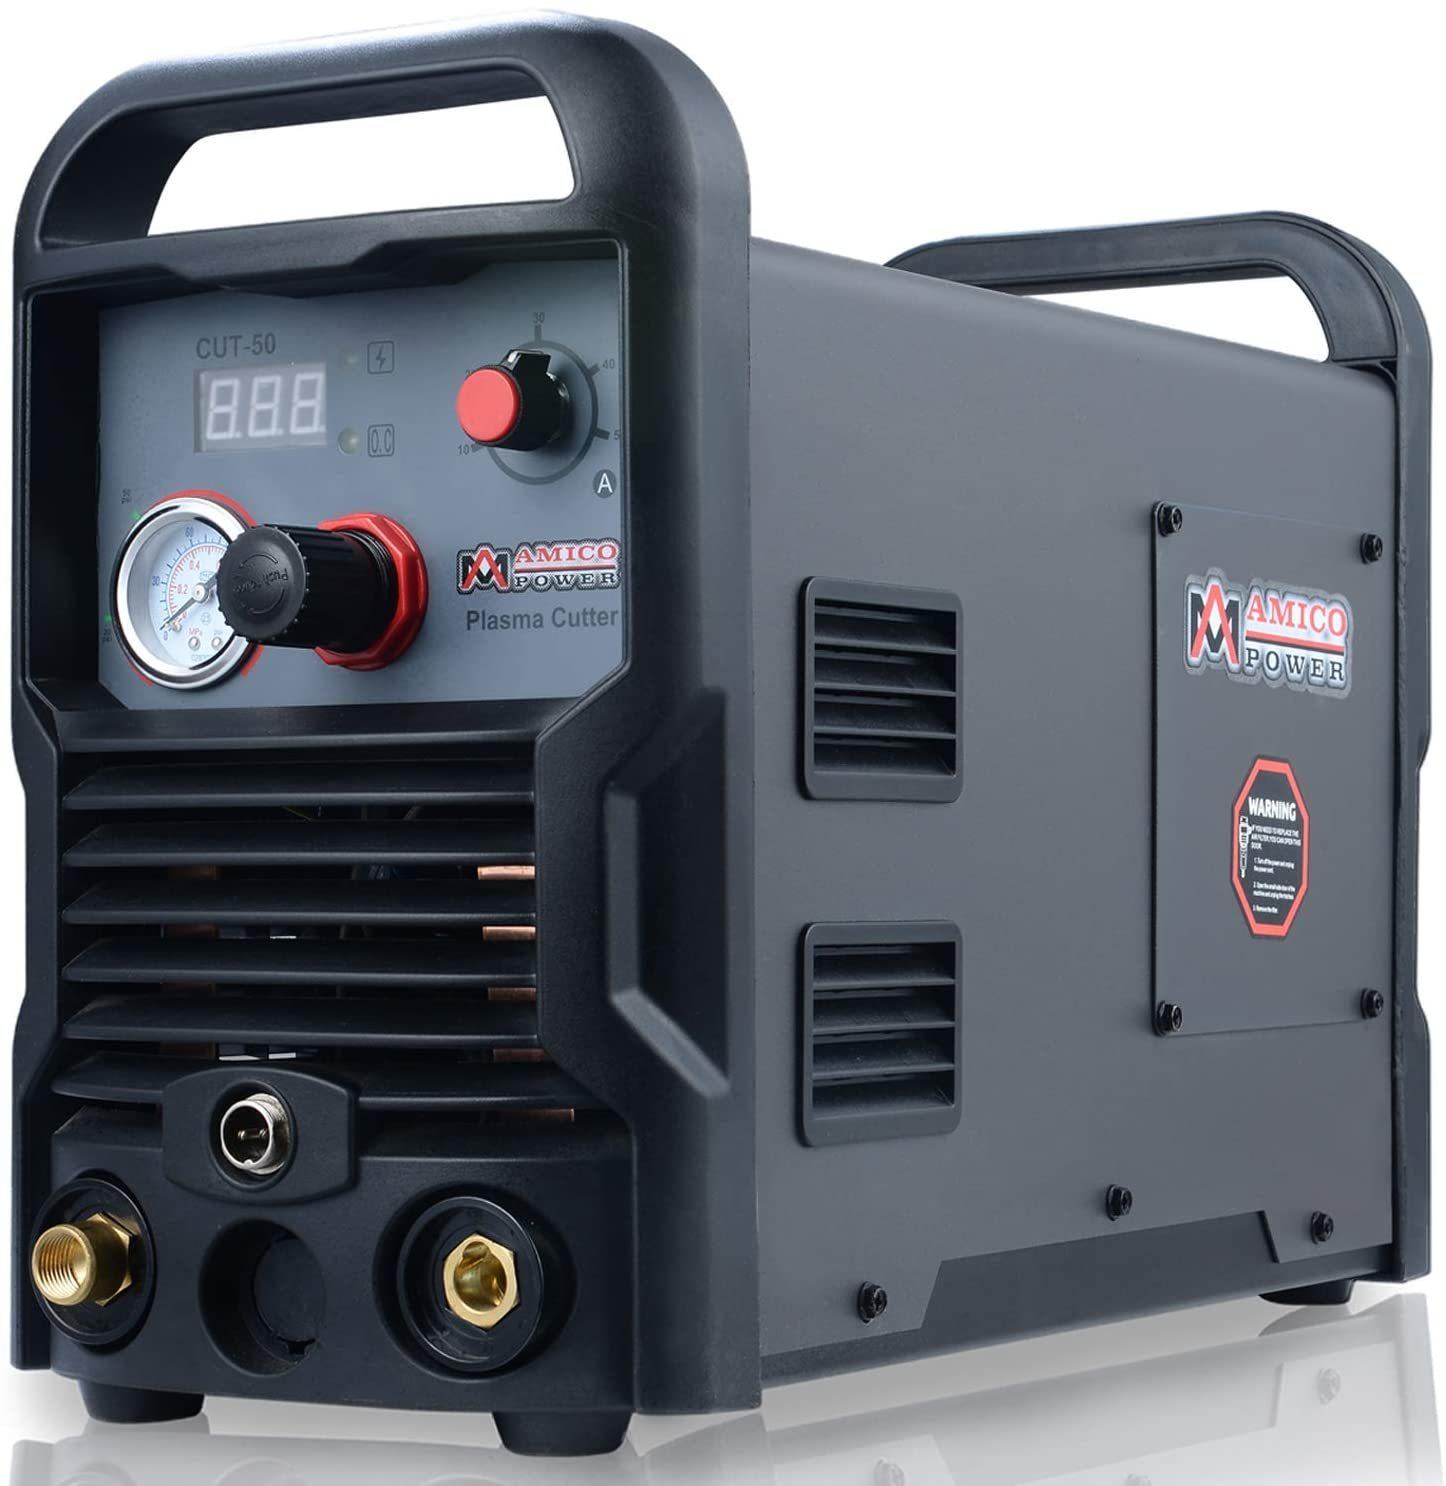 Amico CUT-50 Pro Cutter